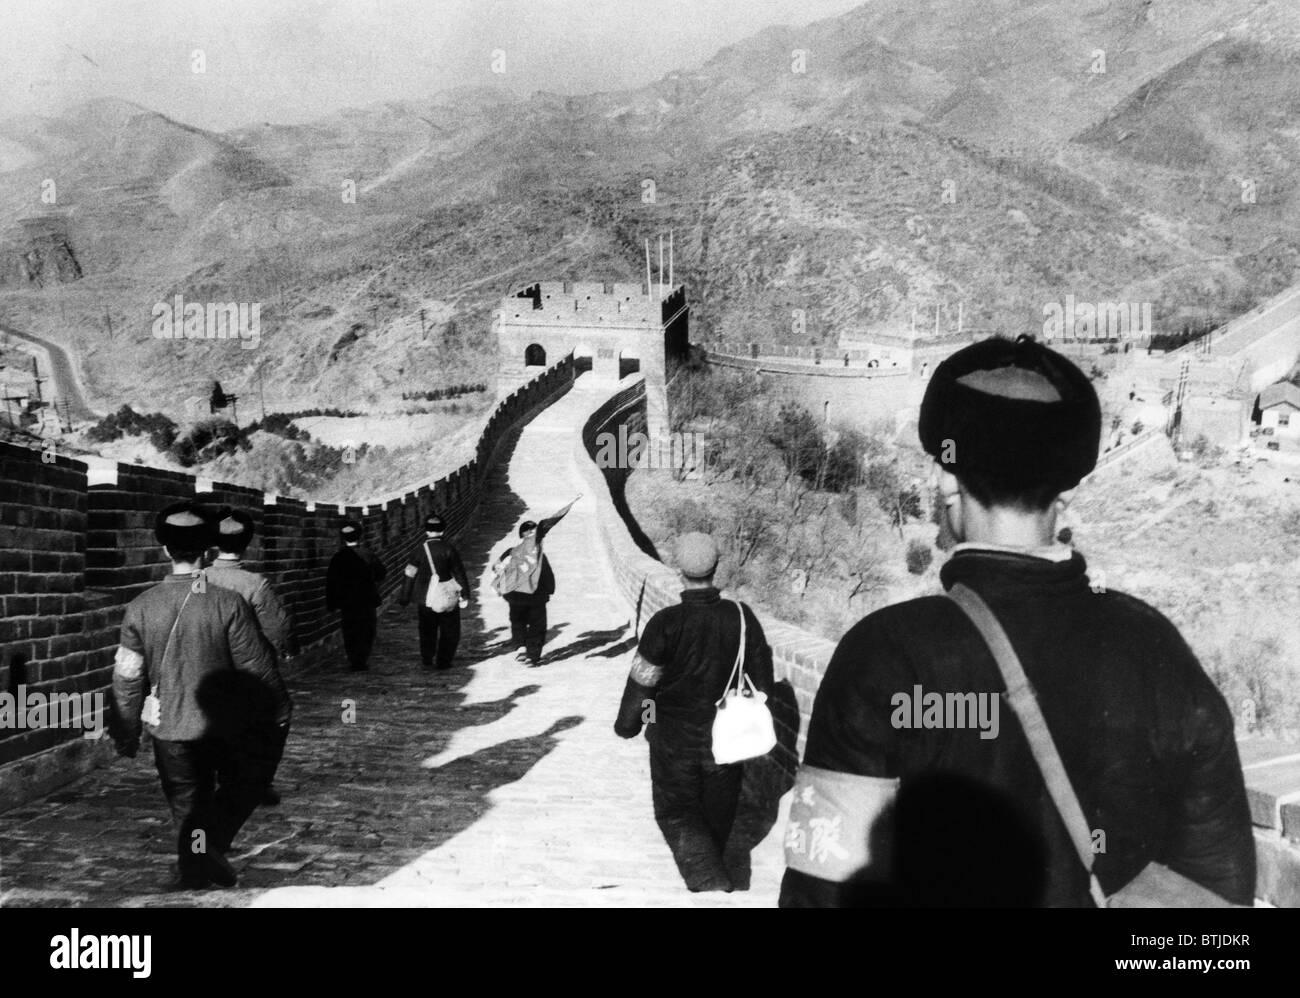 Mitglieder der Roten Garde Tse-tungs pause an der großen Mauer auf dem Weg nach Peking aus ländlichen Gebieten,Stockfoto